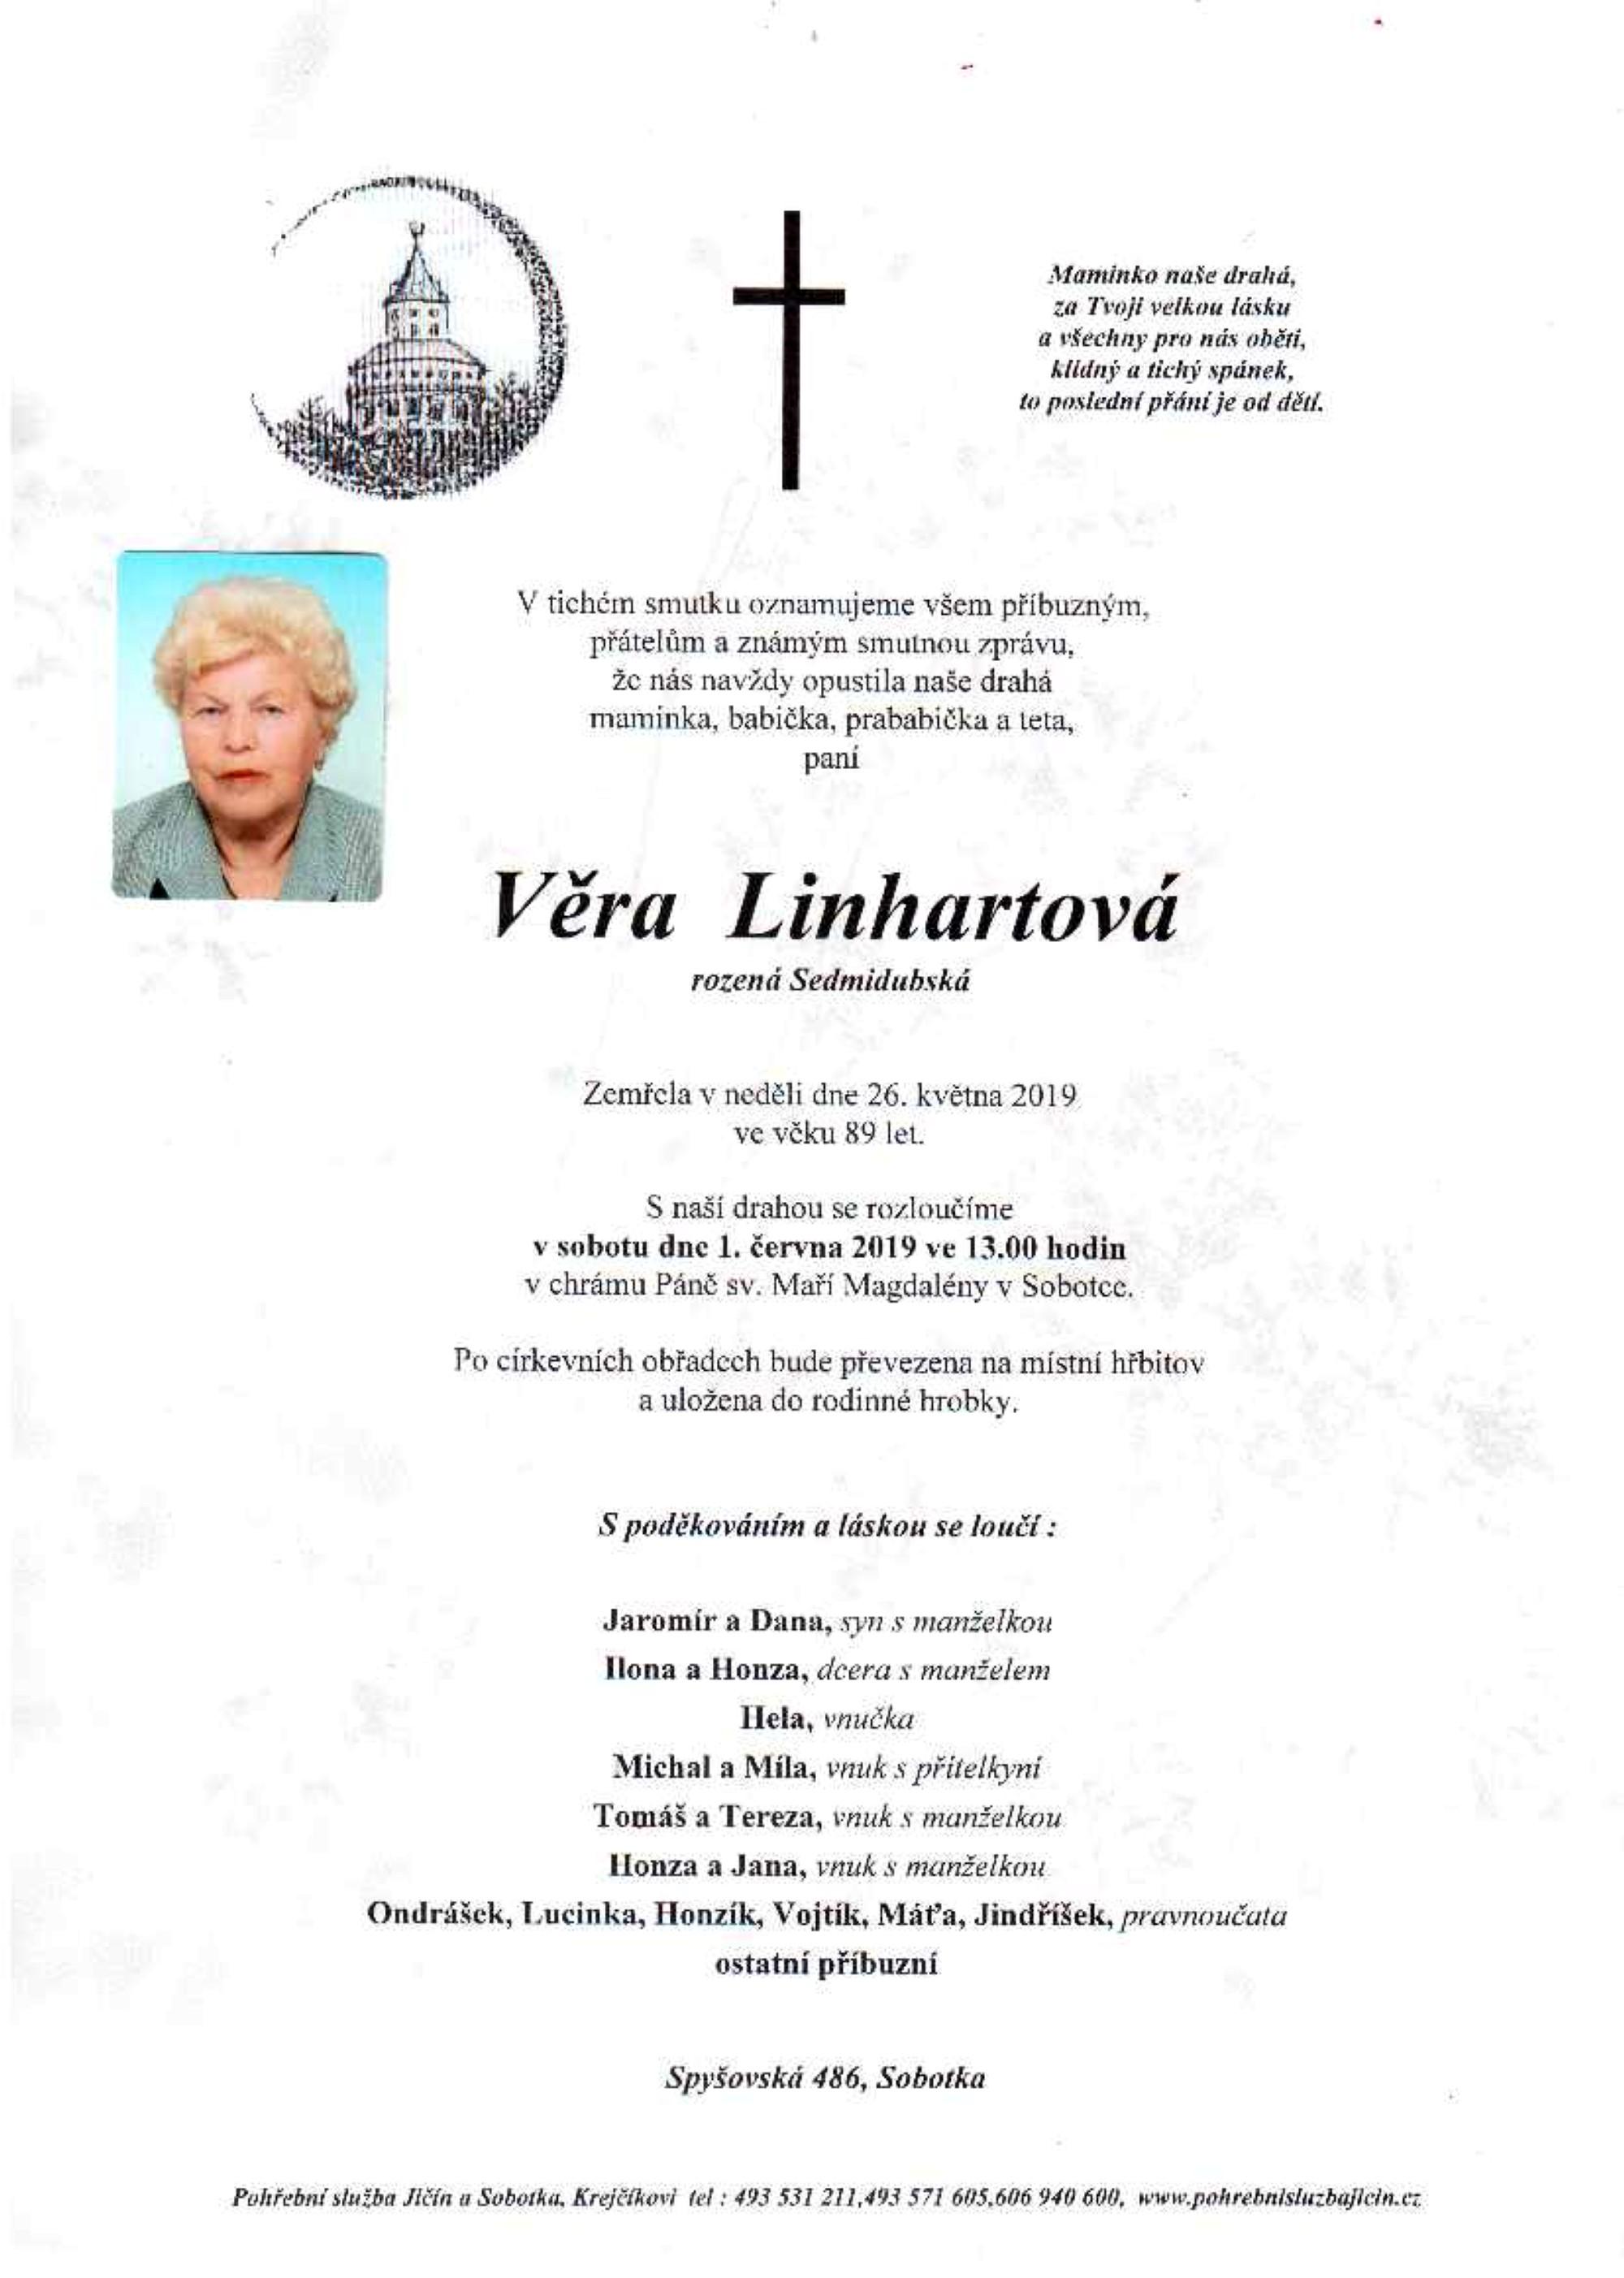 Věra Linhartová